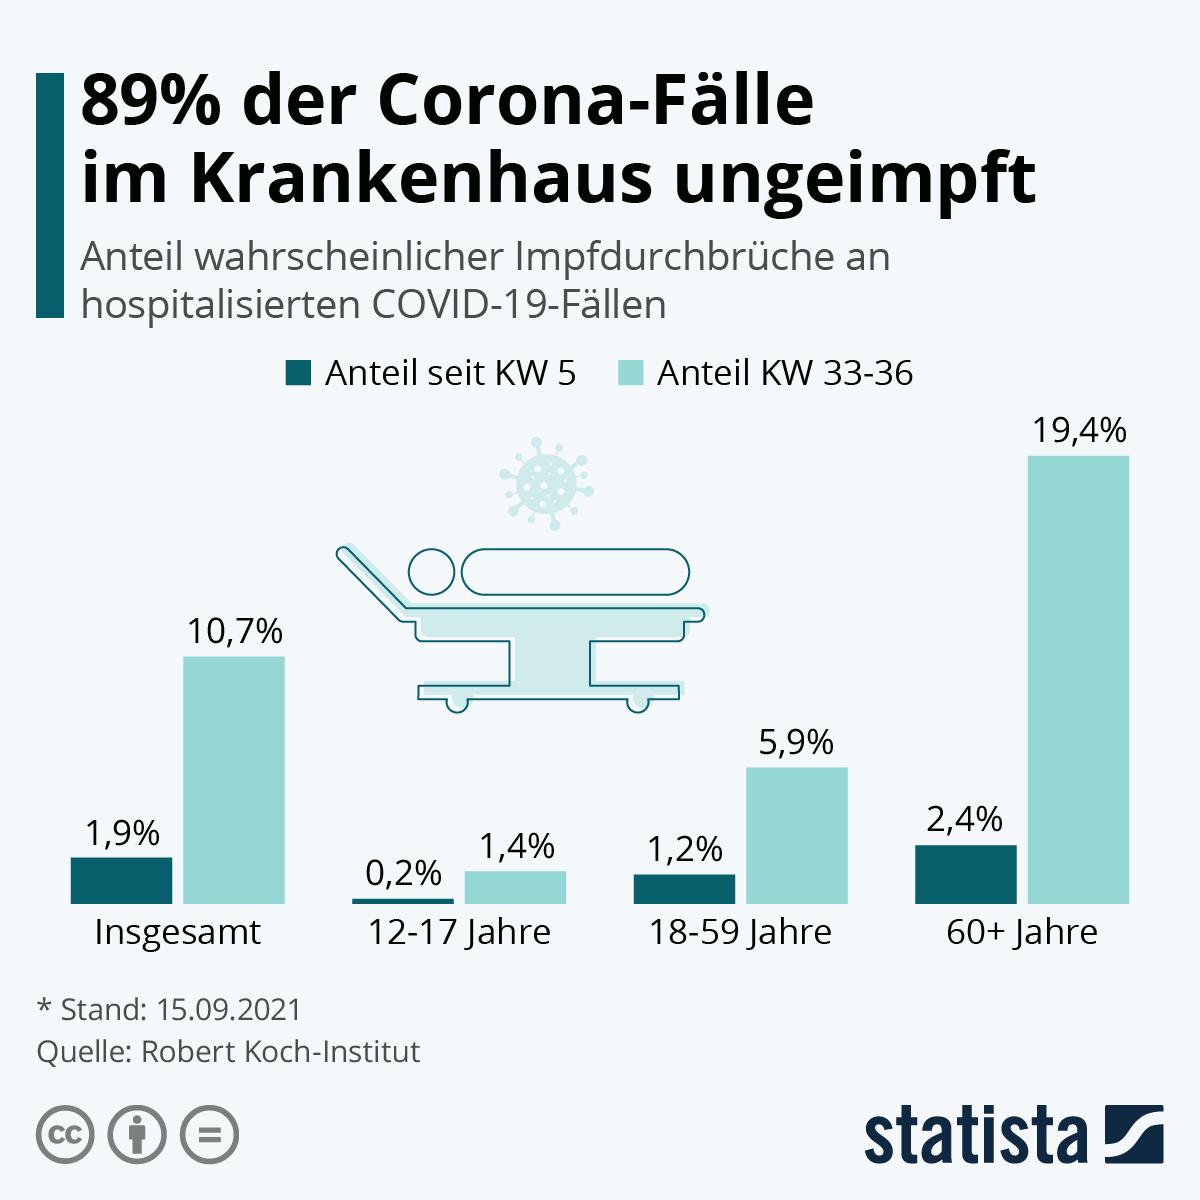 Infografik: 89% der Corona-Fälle im Krankenhaus ungeimpft   Statista